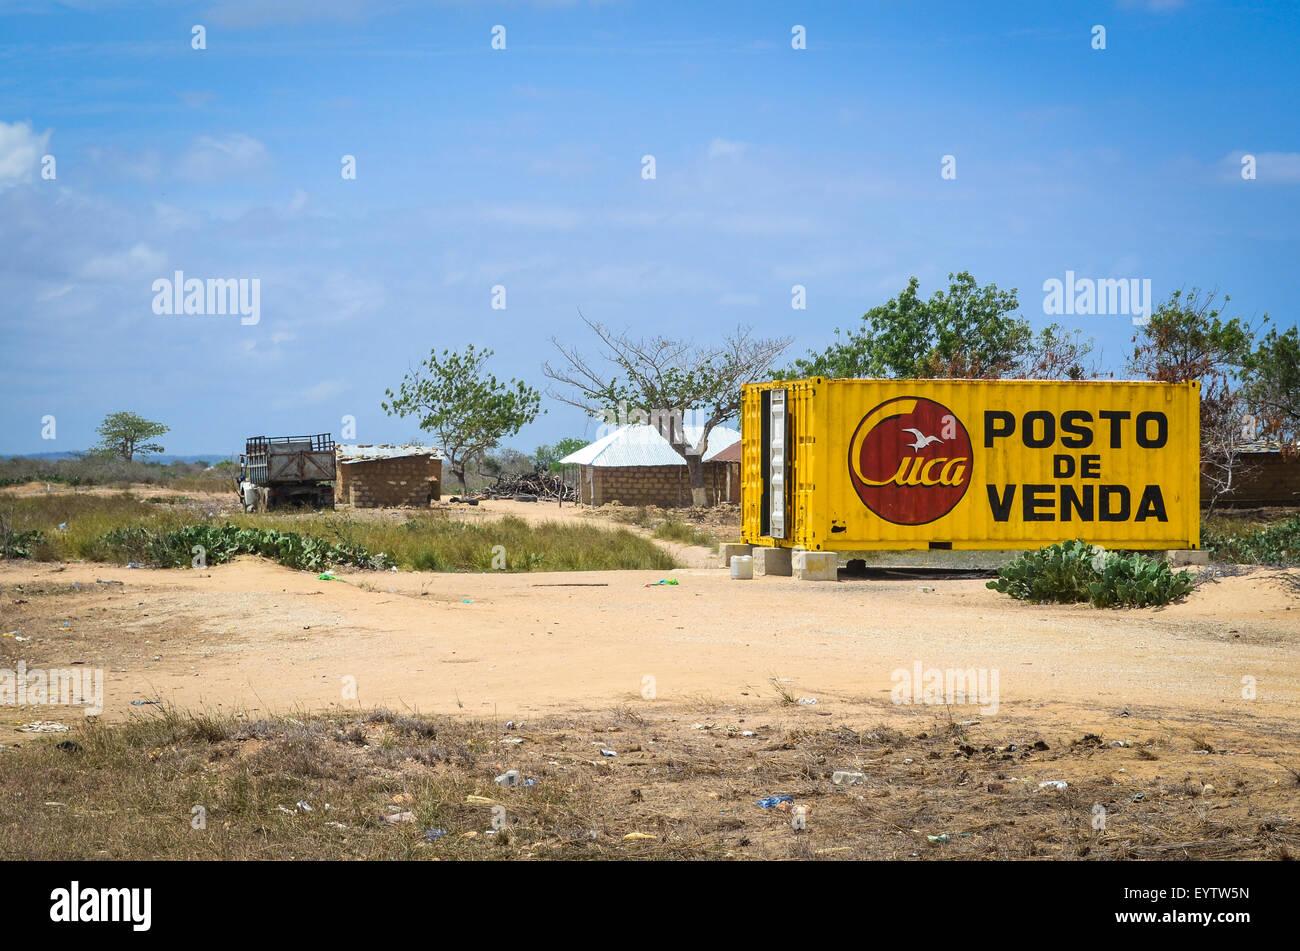 Cuca (Biermarke) Container als Ladengeschäft in Angola (Kleinunternehmen) Stockbild